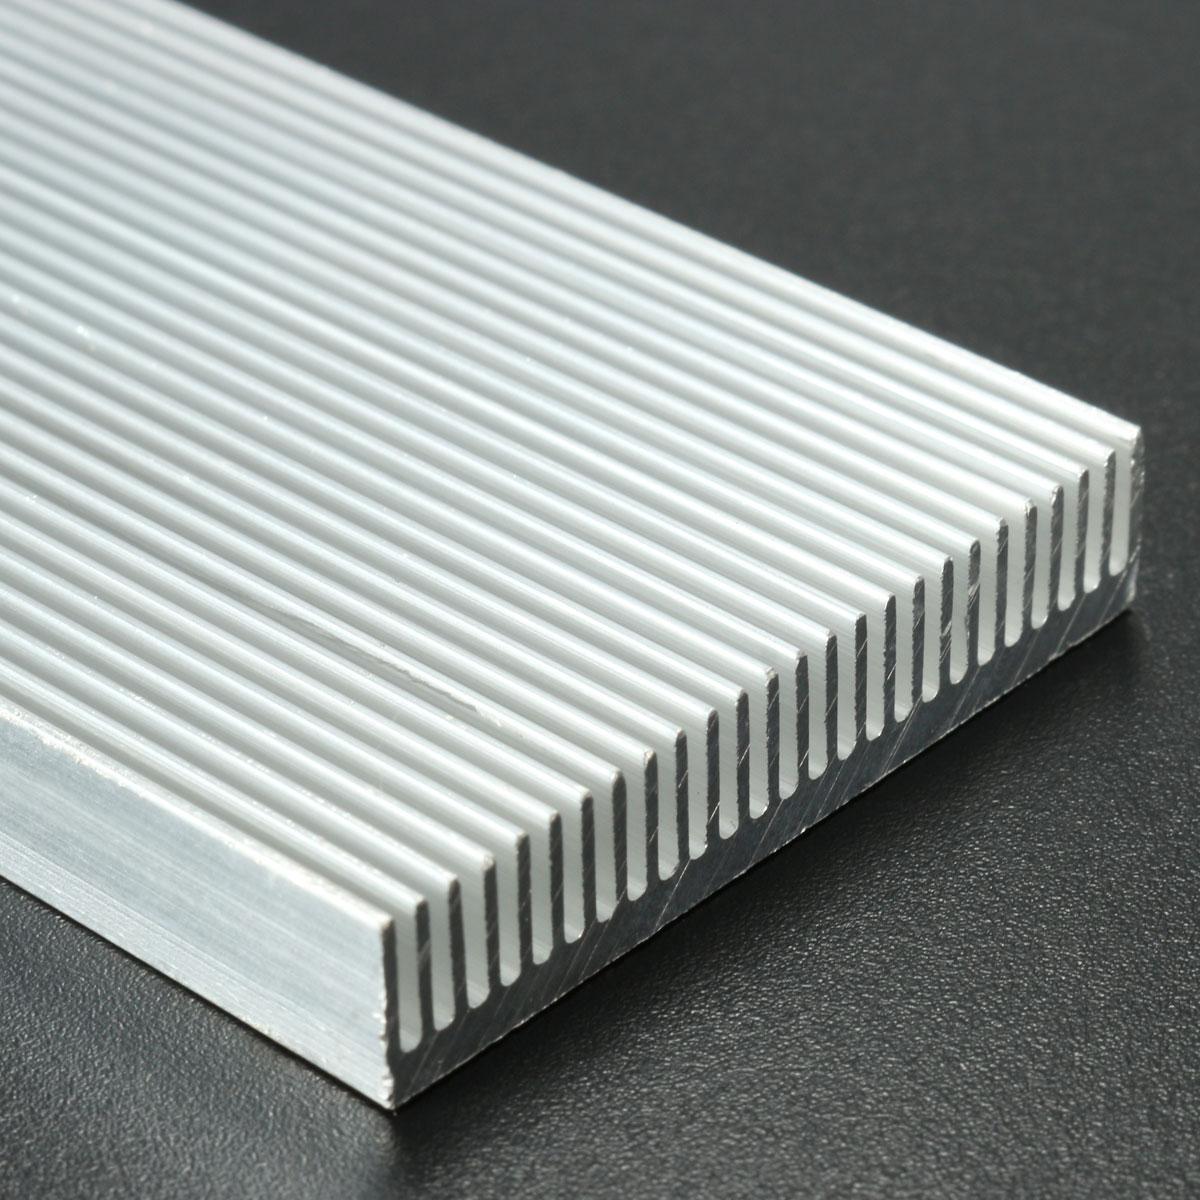 5pcs 100x41x8mm алюминиевый радиатор радиатора радиатора для высокой мощности LED Усилитель Охлаждение транзистора - фото 4